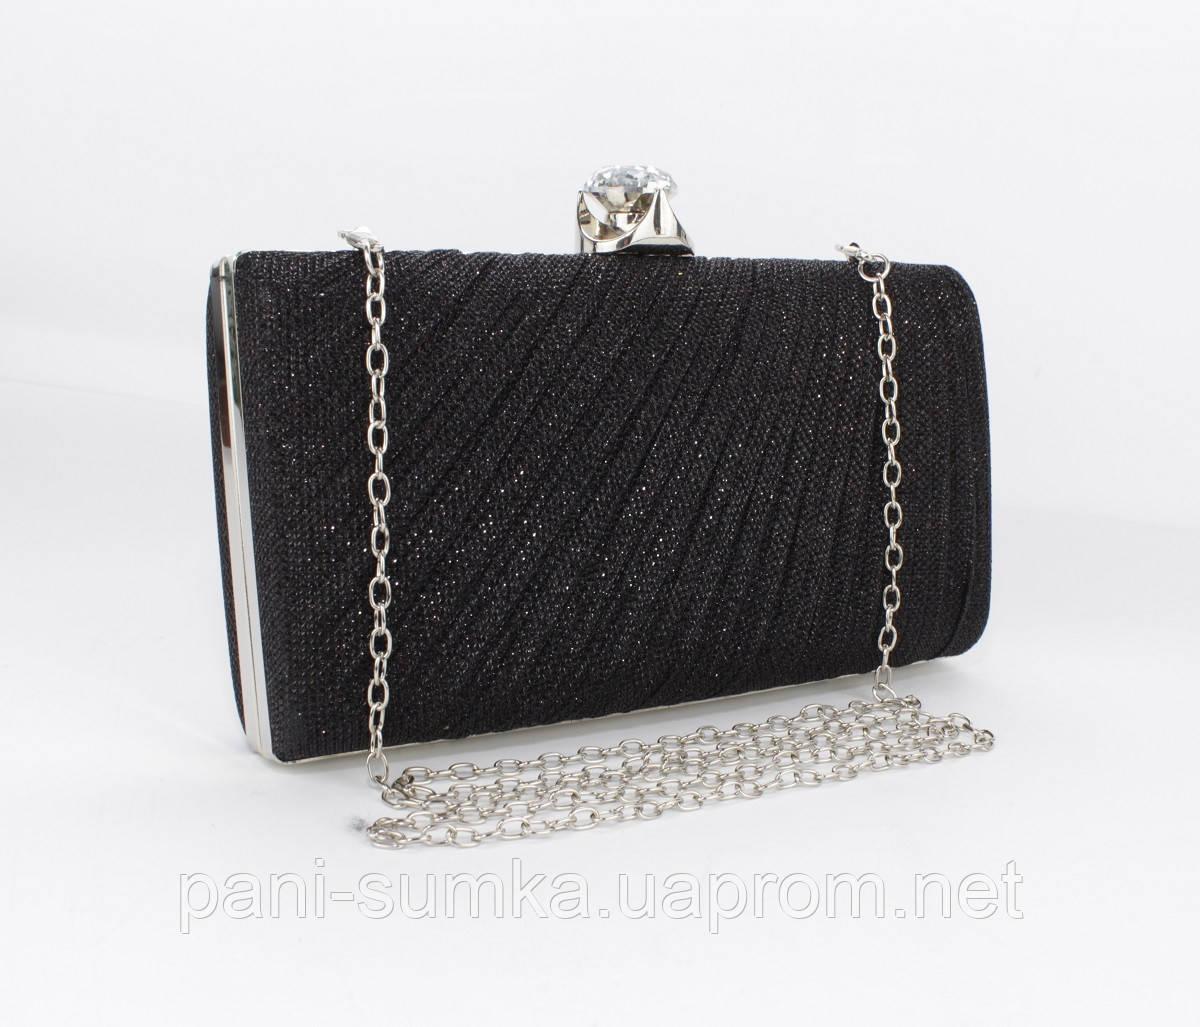 86842e34c105 Вечерний клатч Rose Heart 21570 черный, сумочка на цепочке: продажа ...